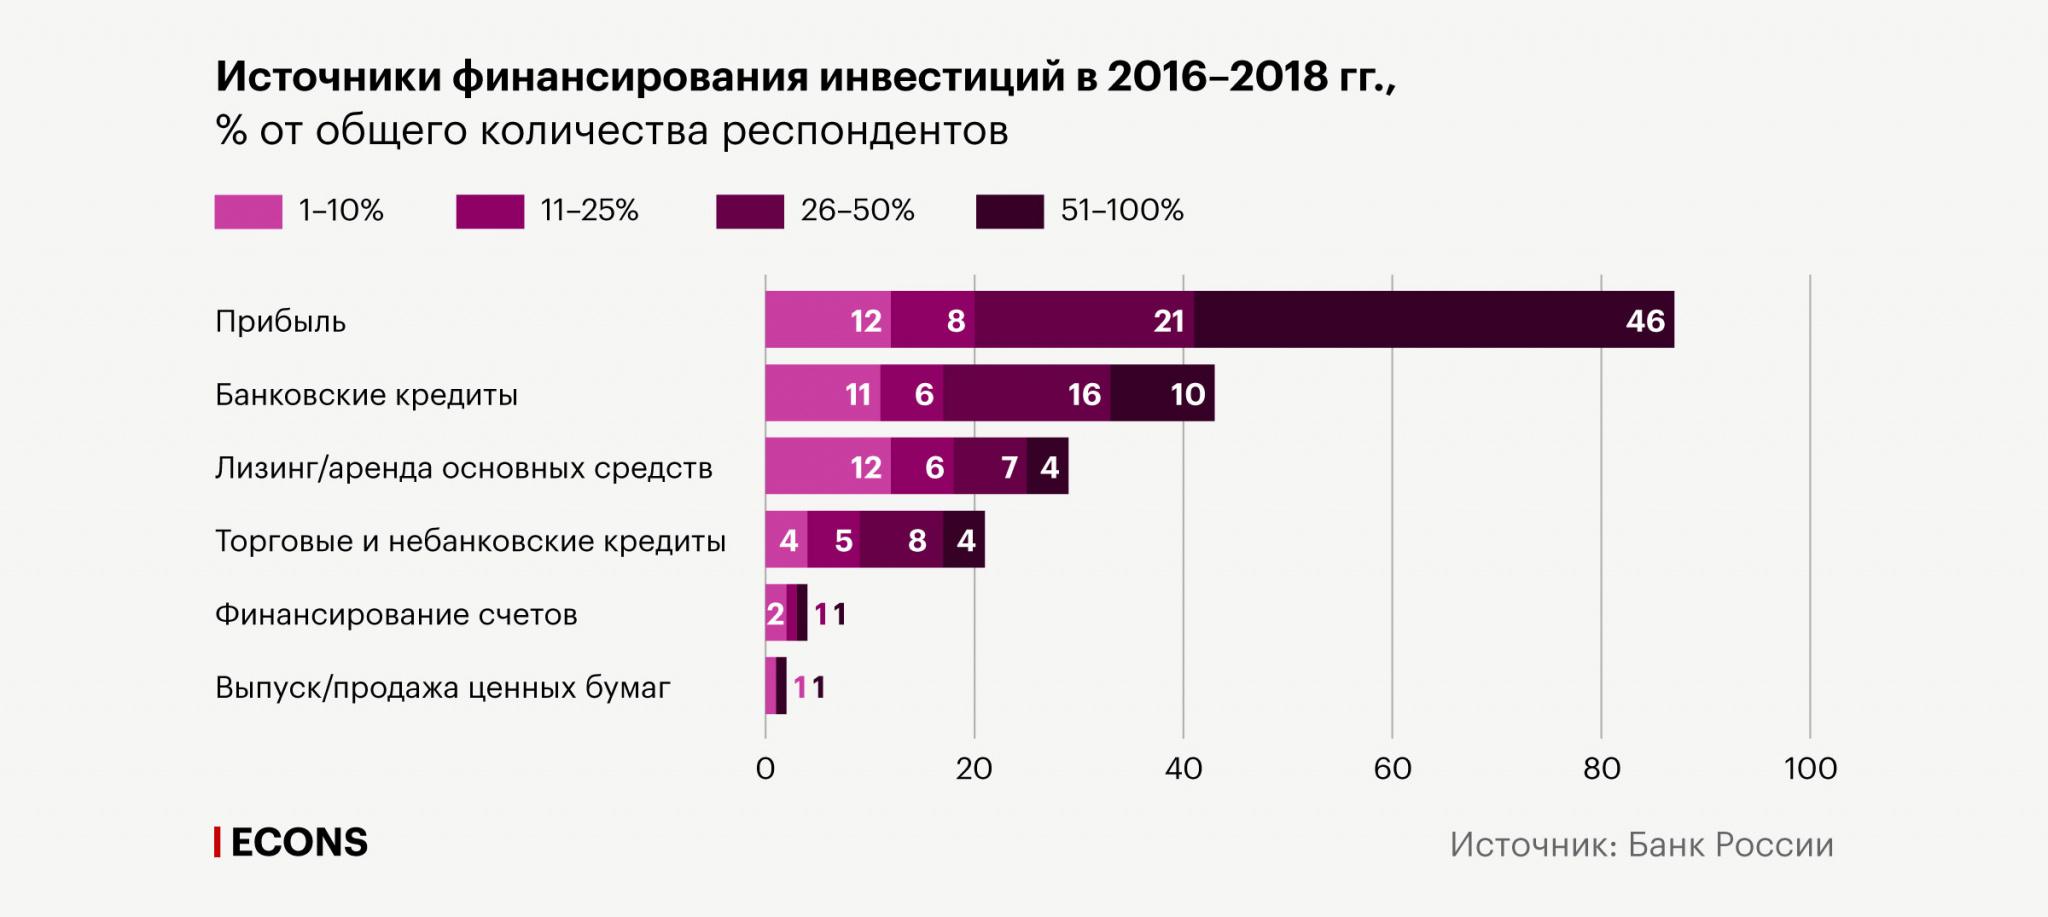 ЦБ РФ заявил об ускоренном падении инвестиций в основной капитал в мае